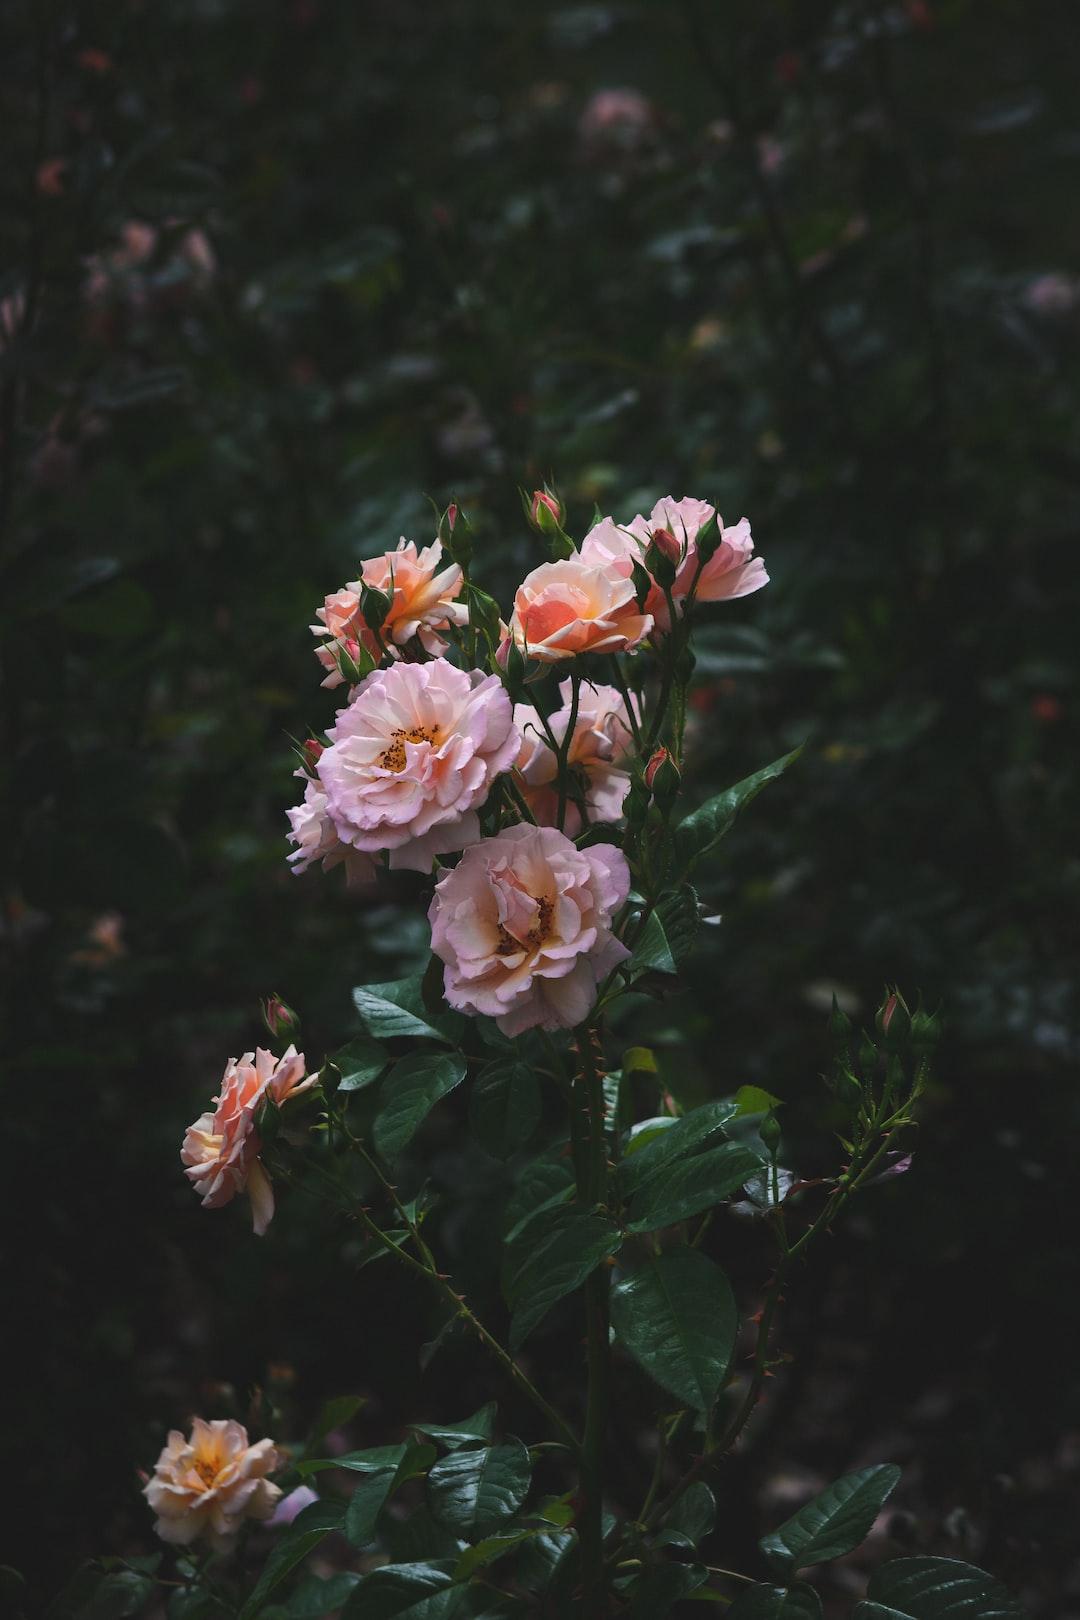 pink petalled flowers